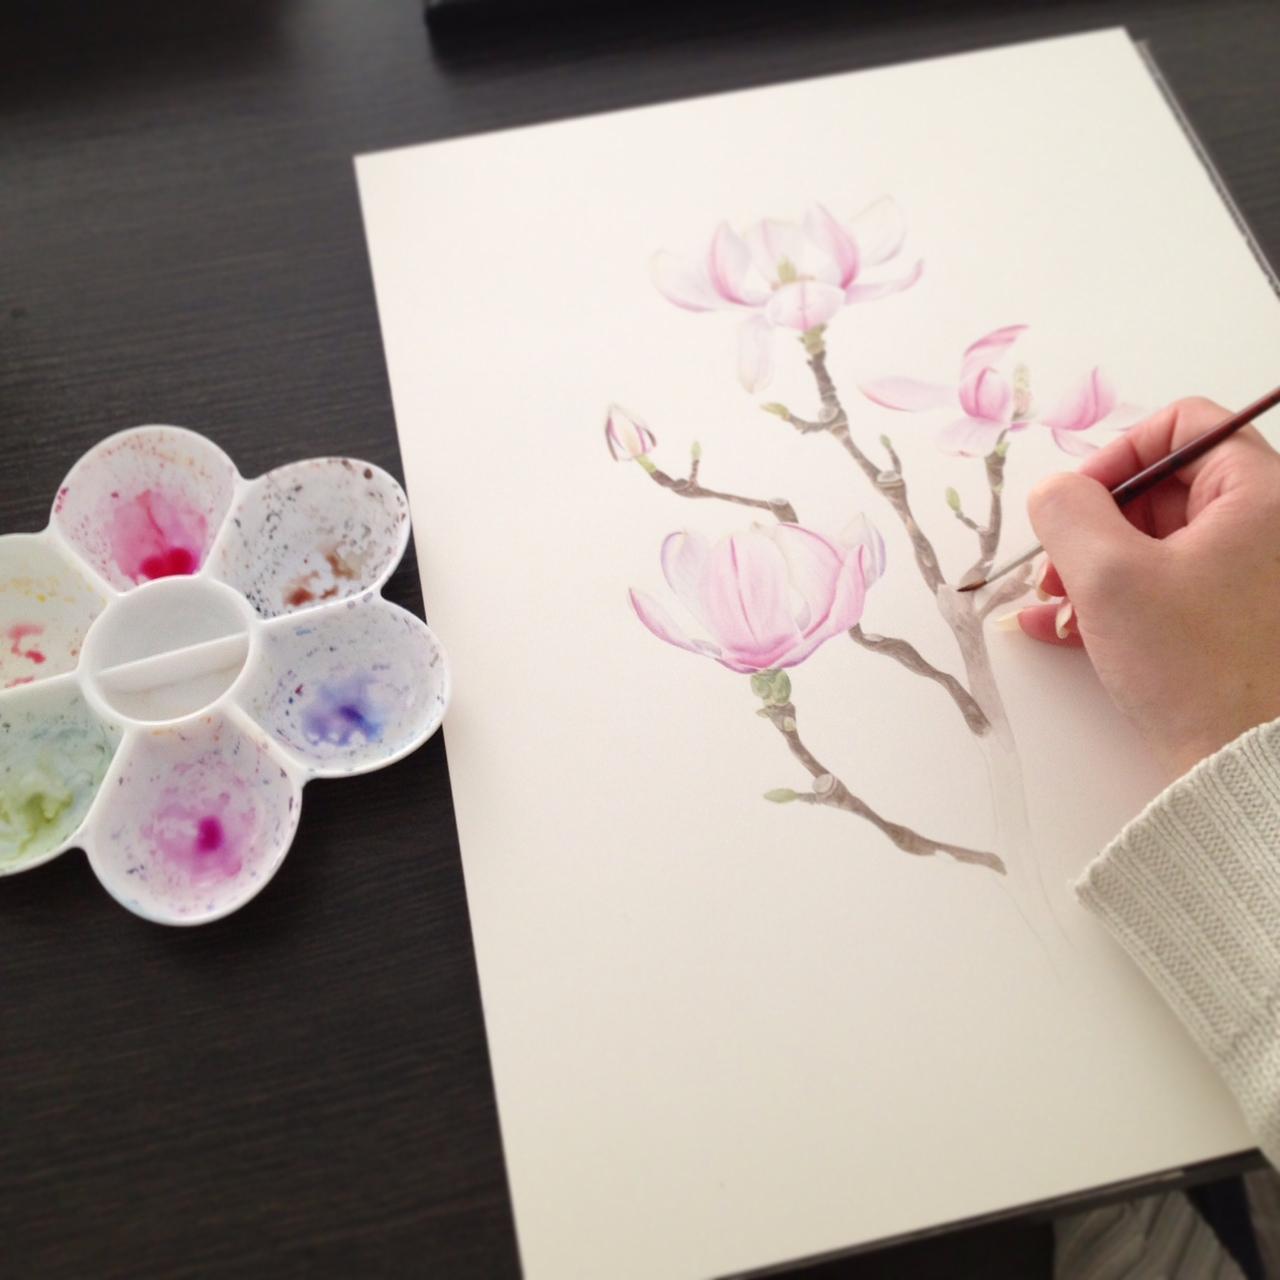 Schilderijen van orchideeën (en andere bloemen)